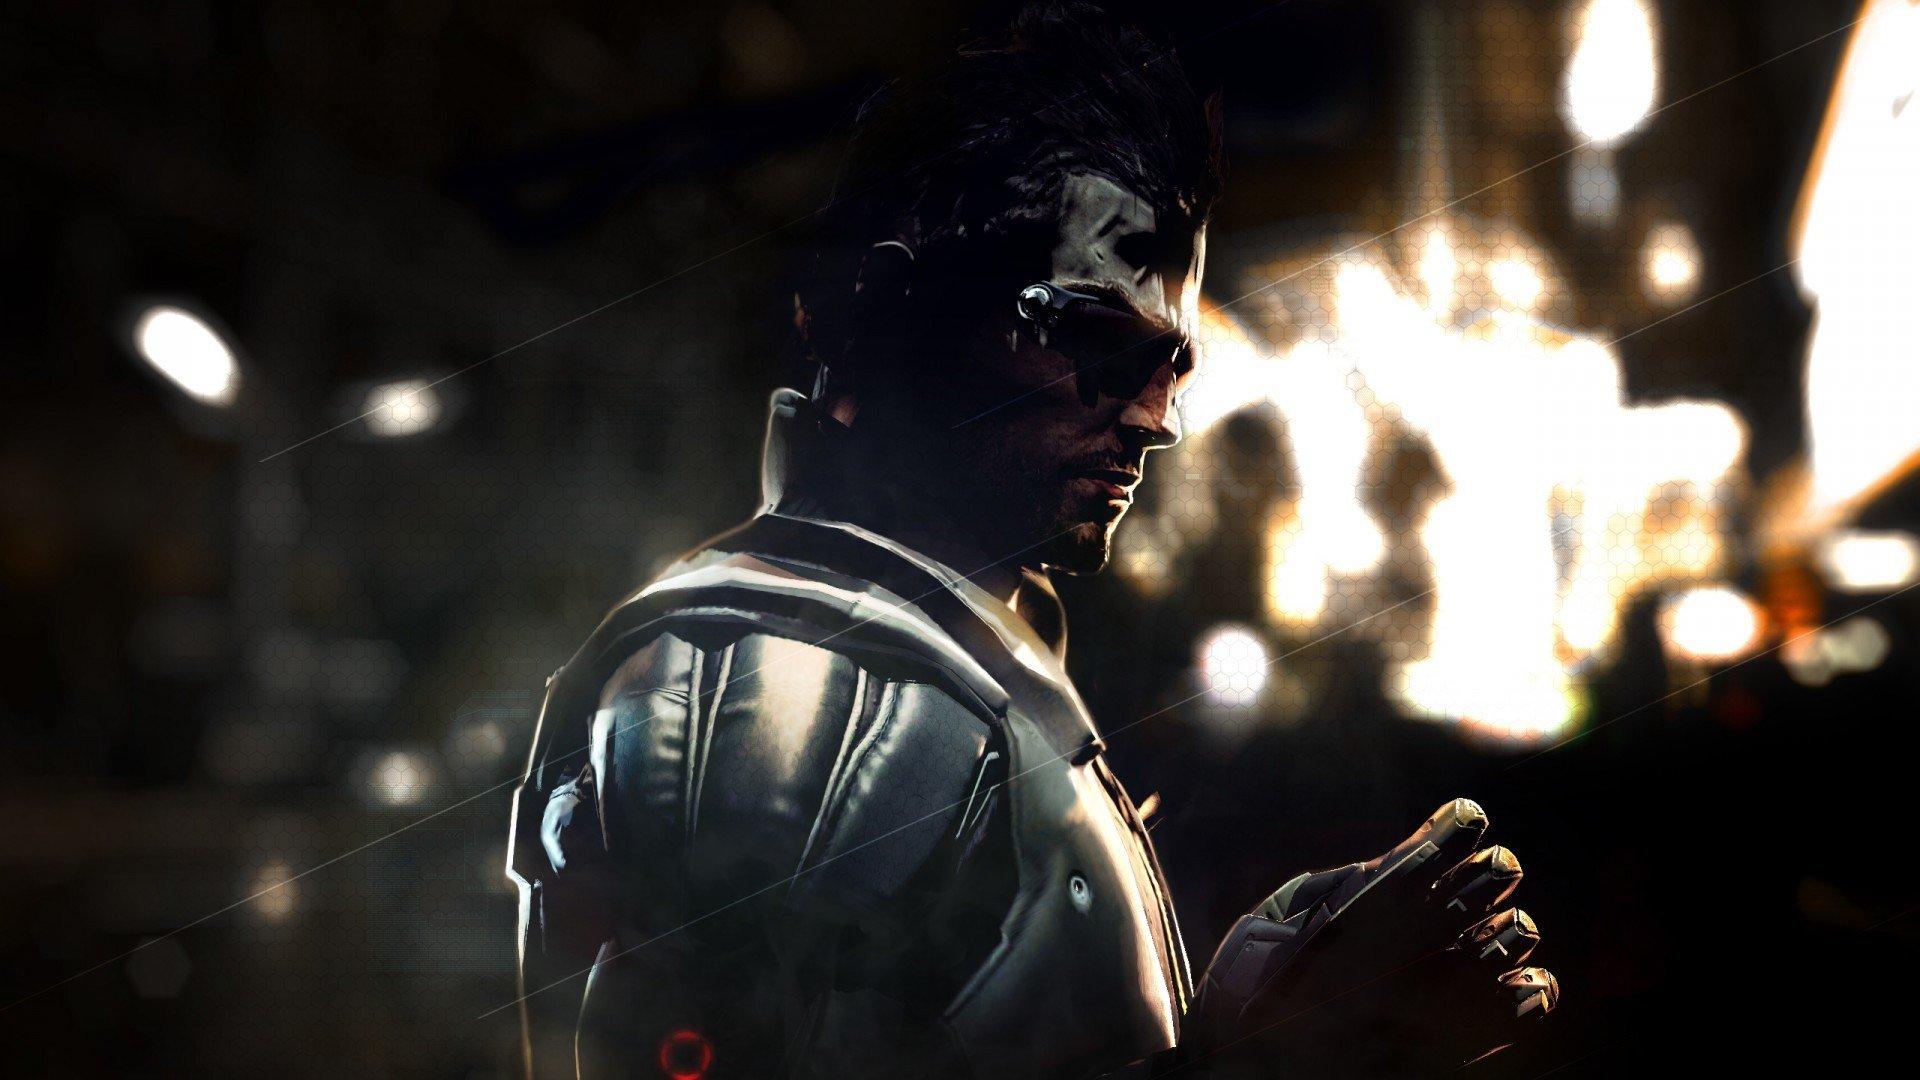 Deus Ex: Human Revolution, Video games Wallpaper